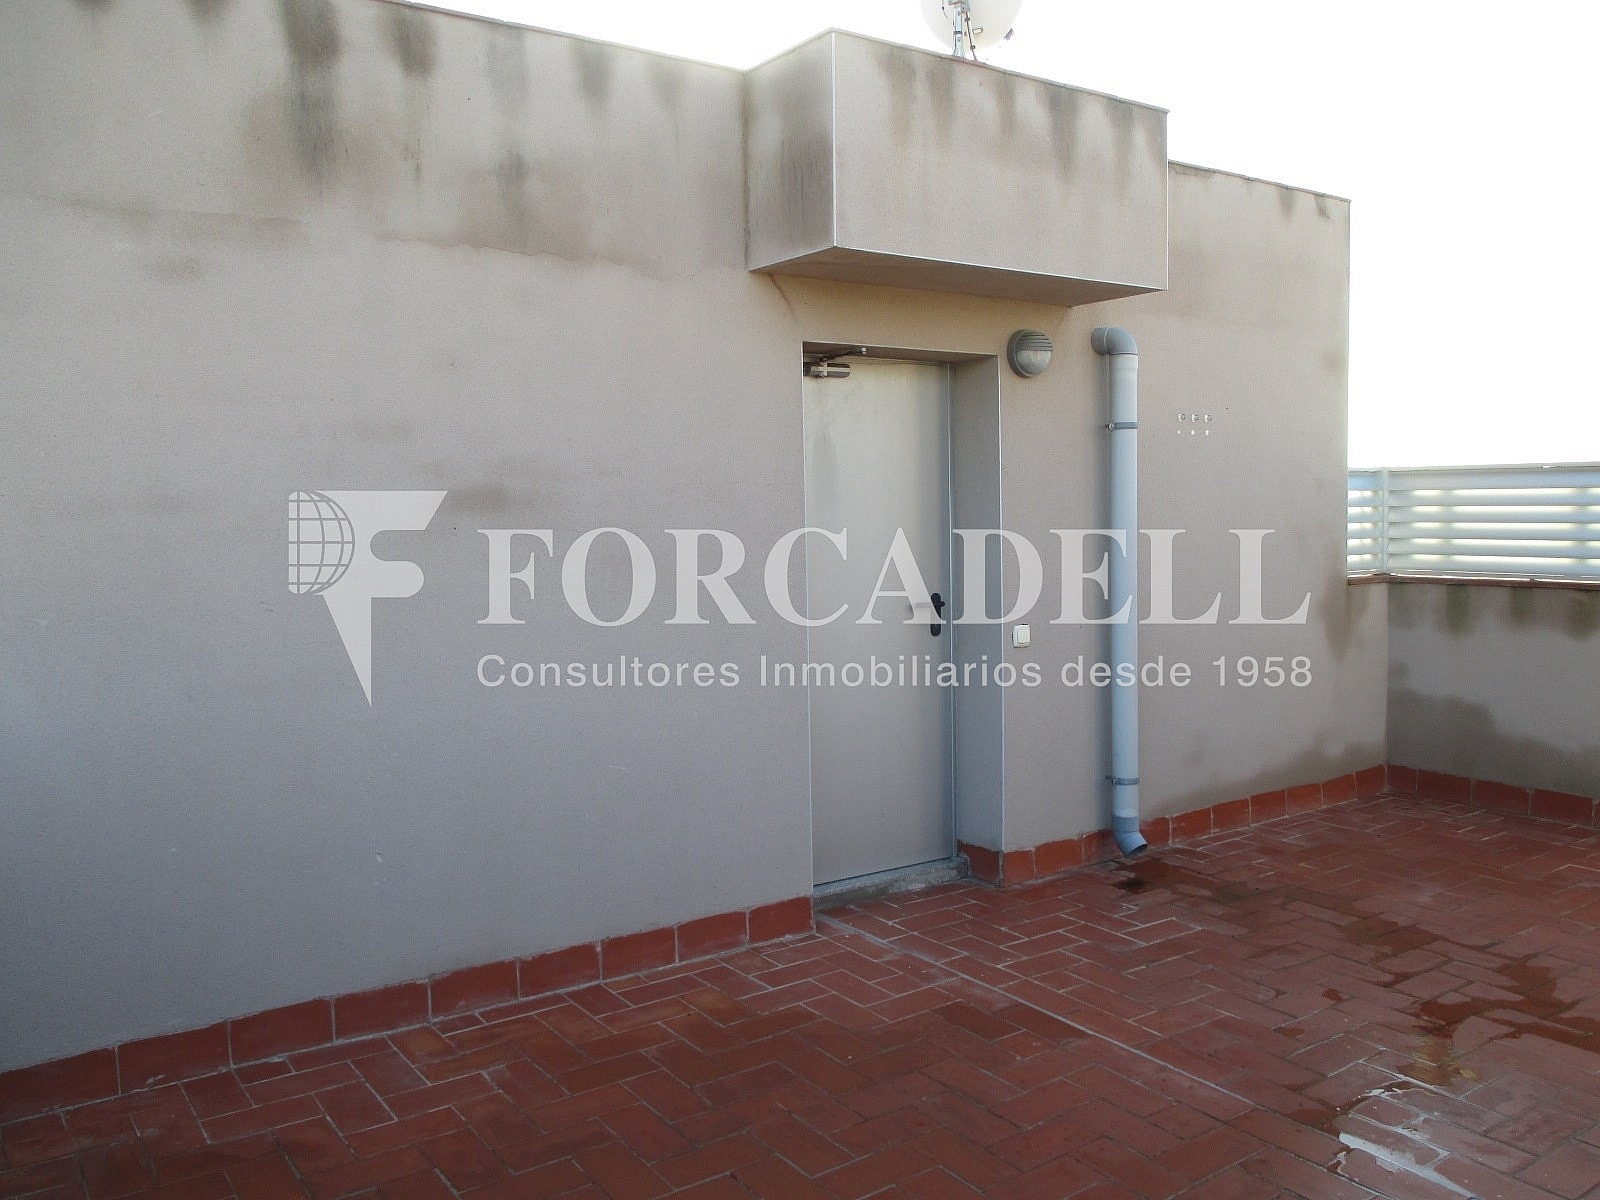 IMG_2694 - Piso en alquiler en calle Merce Rodoreda, Can clota en Esplugues de Llobregat - 331432119